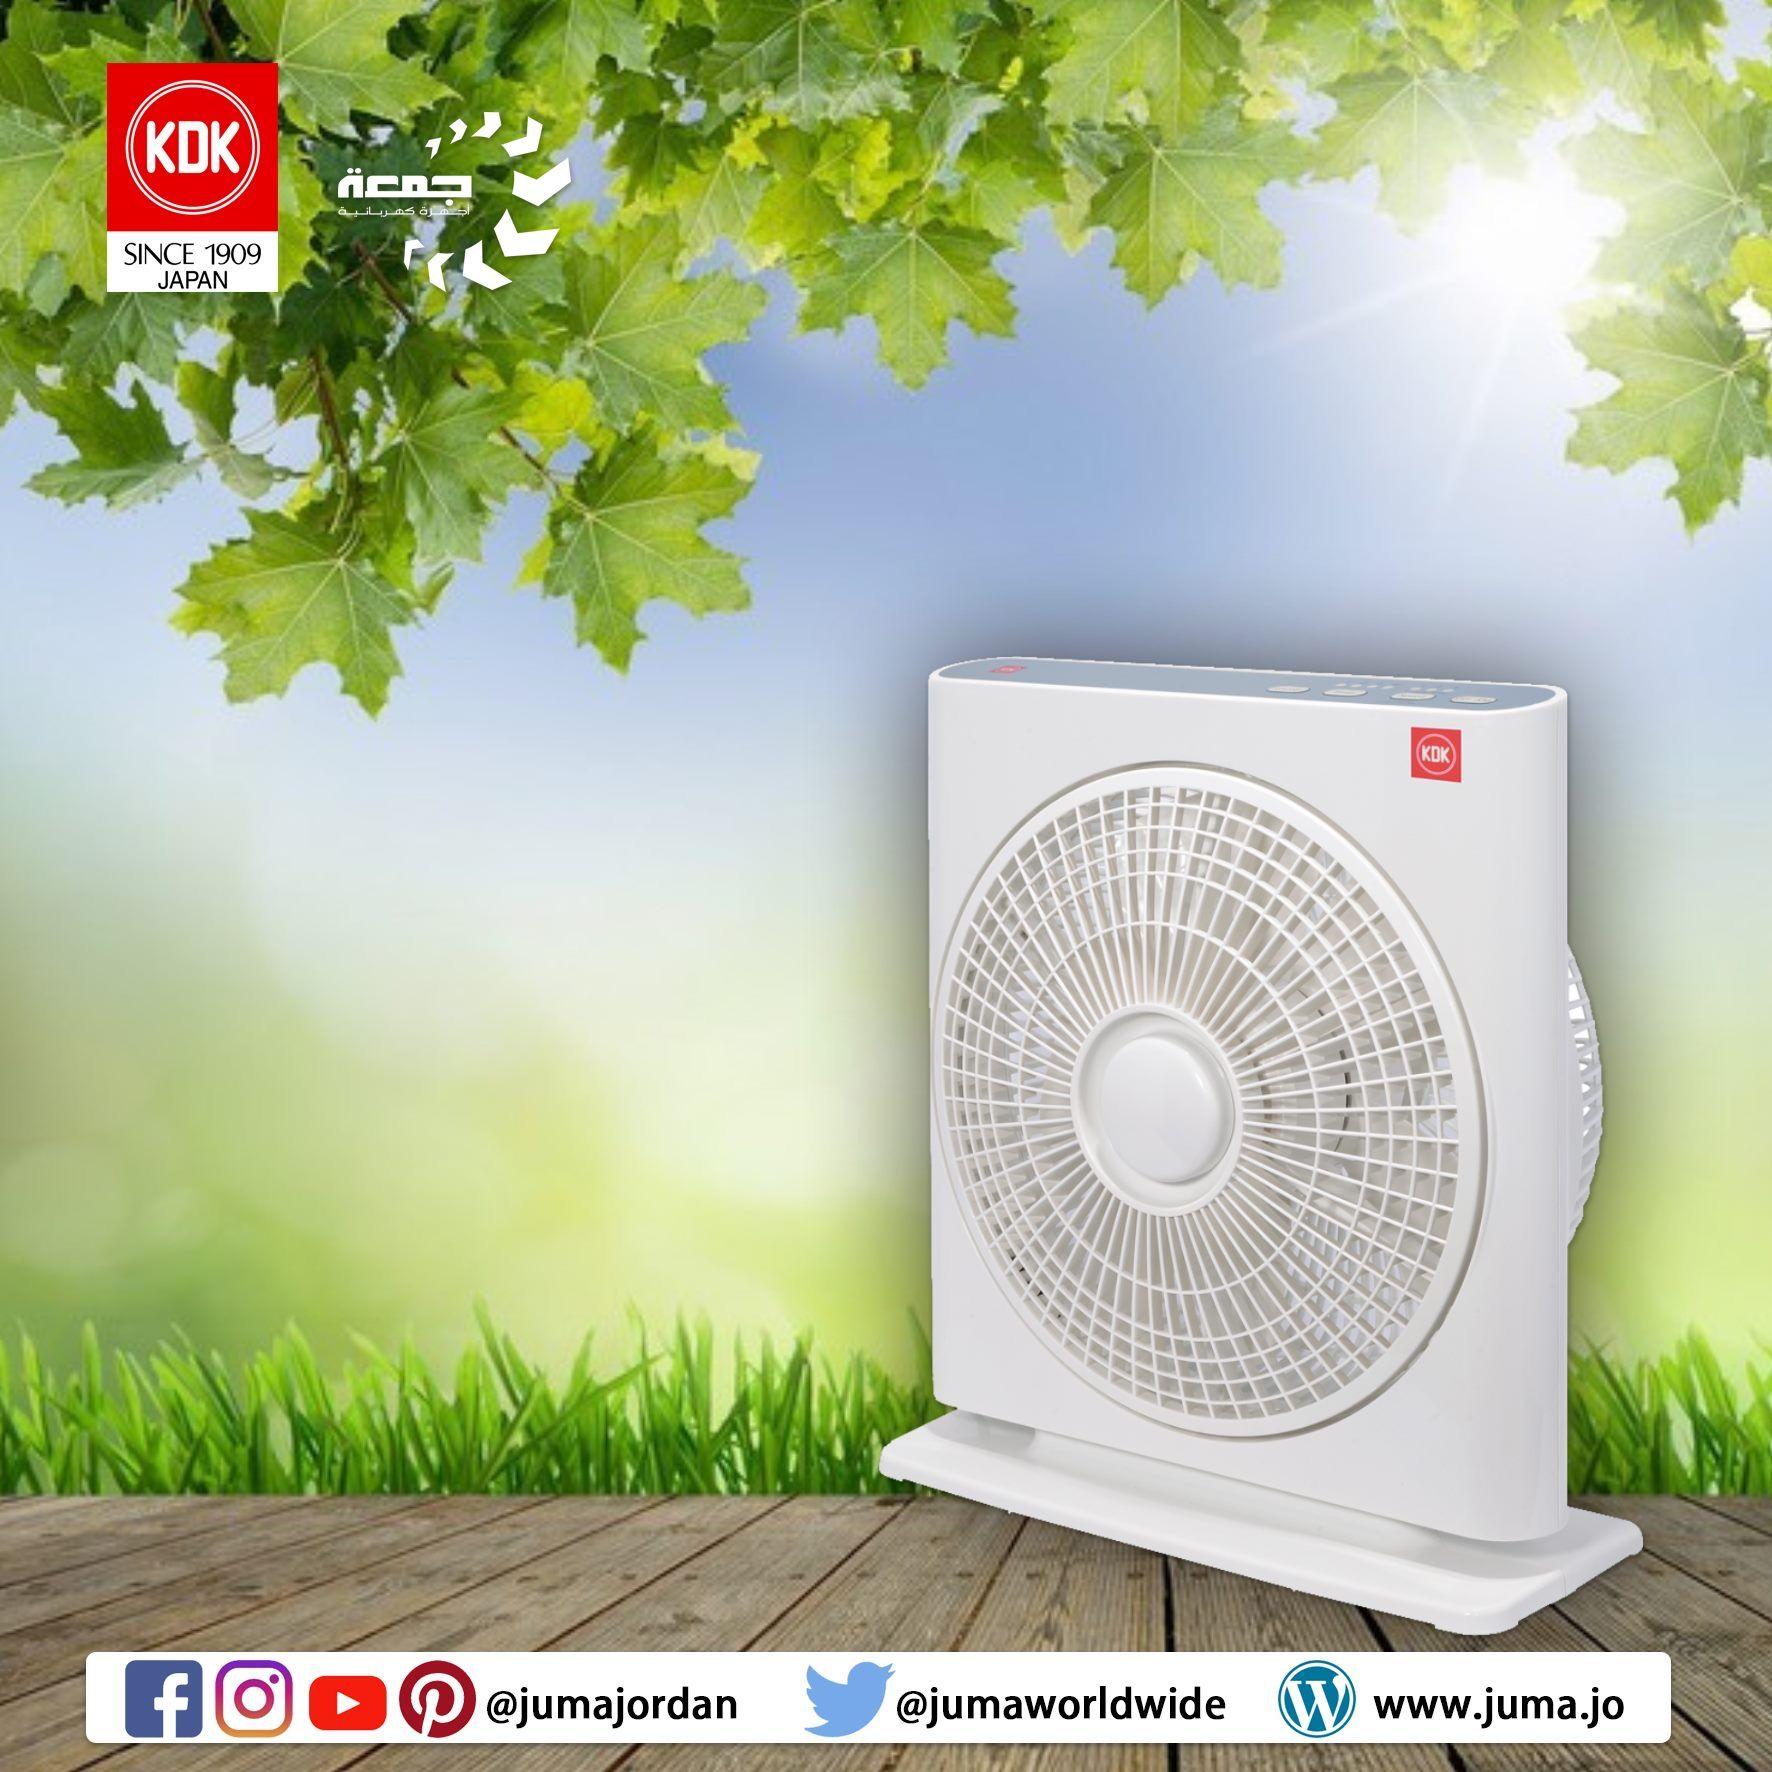 تنفس الهواء النقي أشعر بالإنتعاش المراوح الأولى في العالم والأكثر مبيعا في الأردن أحدث مراوح البوكس من Kdk مروحة بوكس ط Box Fan Japan Home Appliances